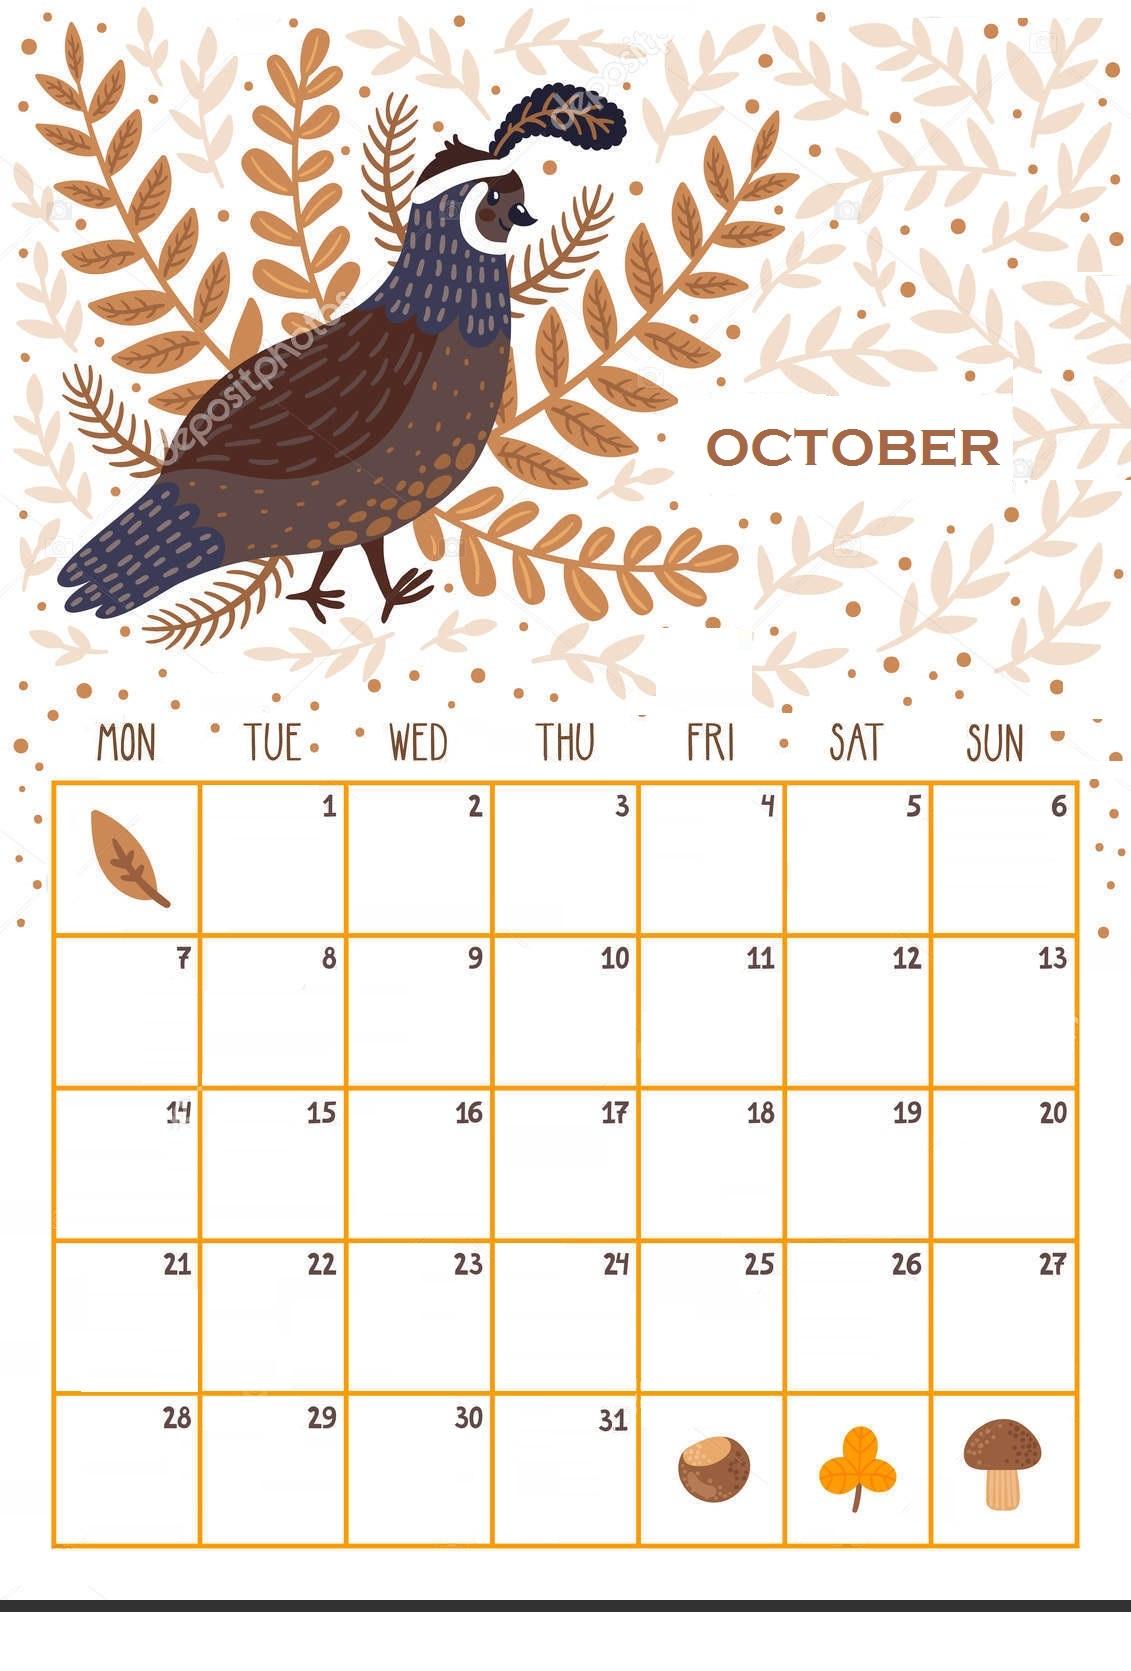 Floral October 2019 Calendar Design